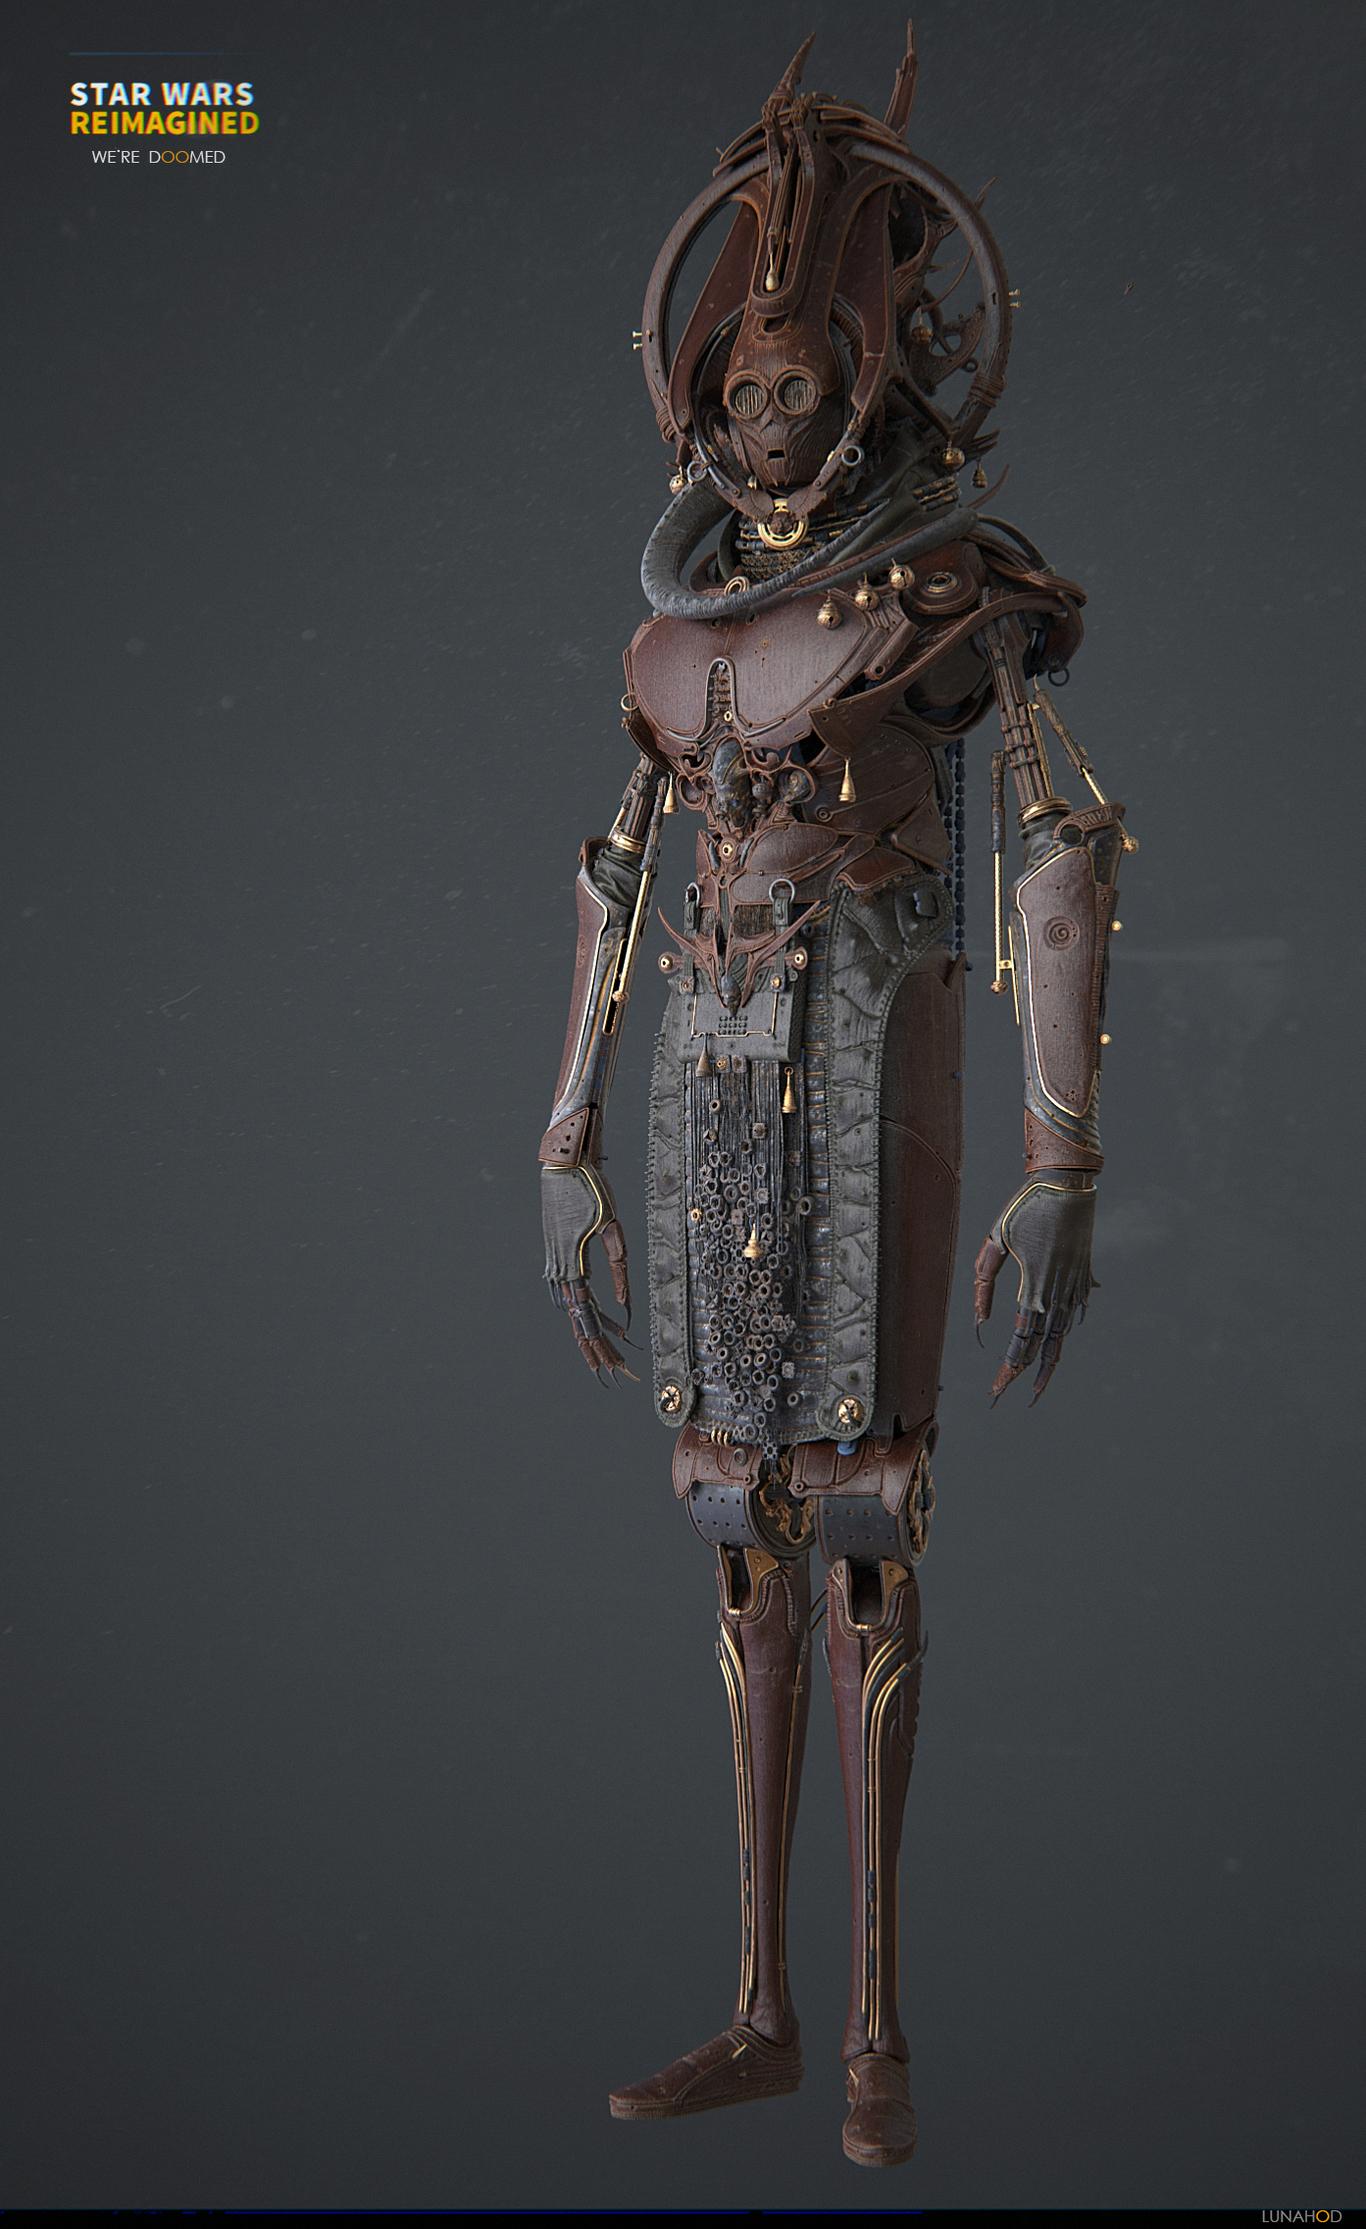 Lunahod star wars reimagined 1 0c16ed40 n5xu